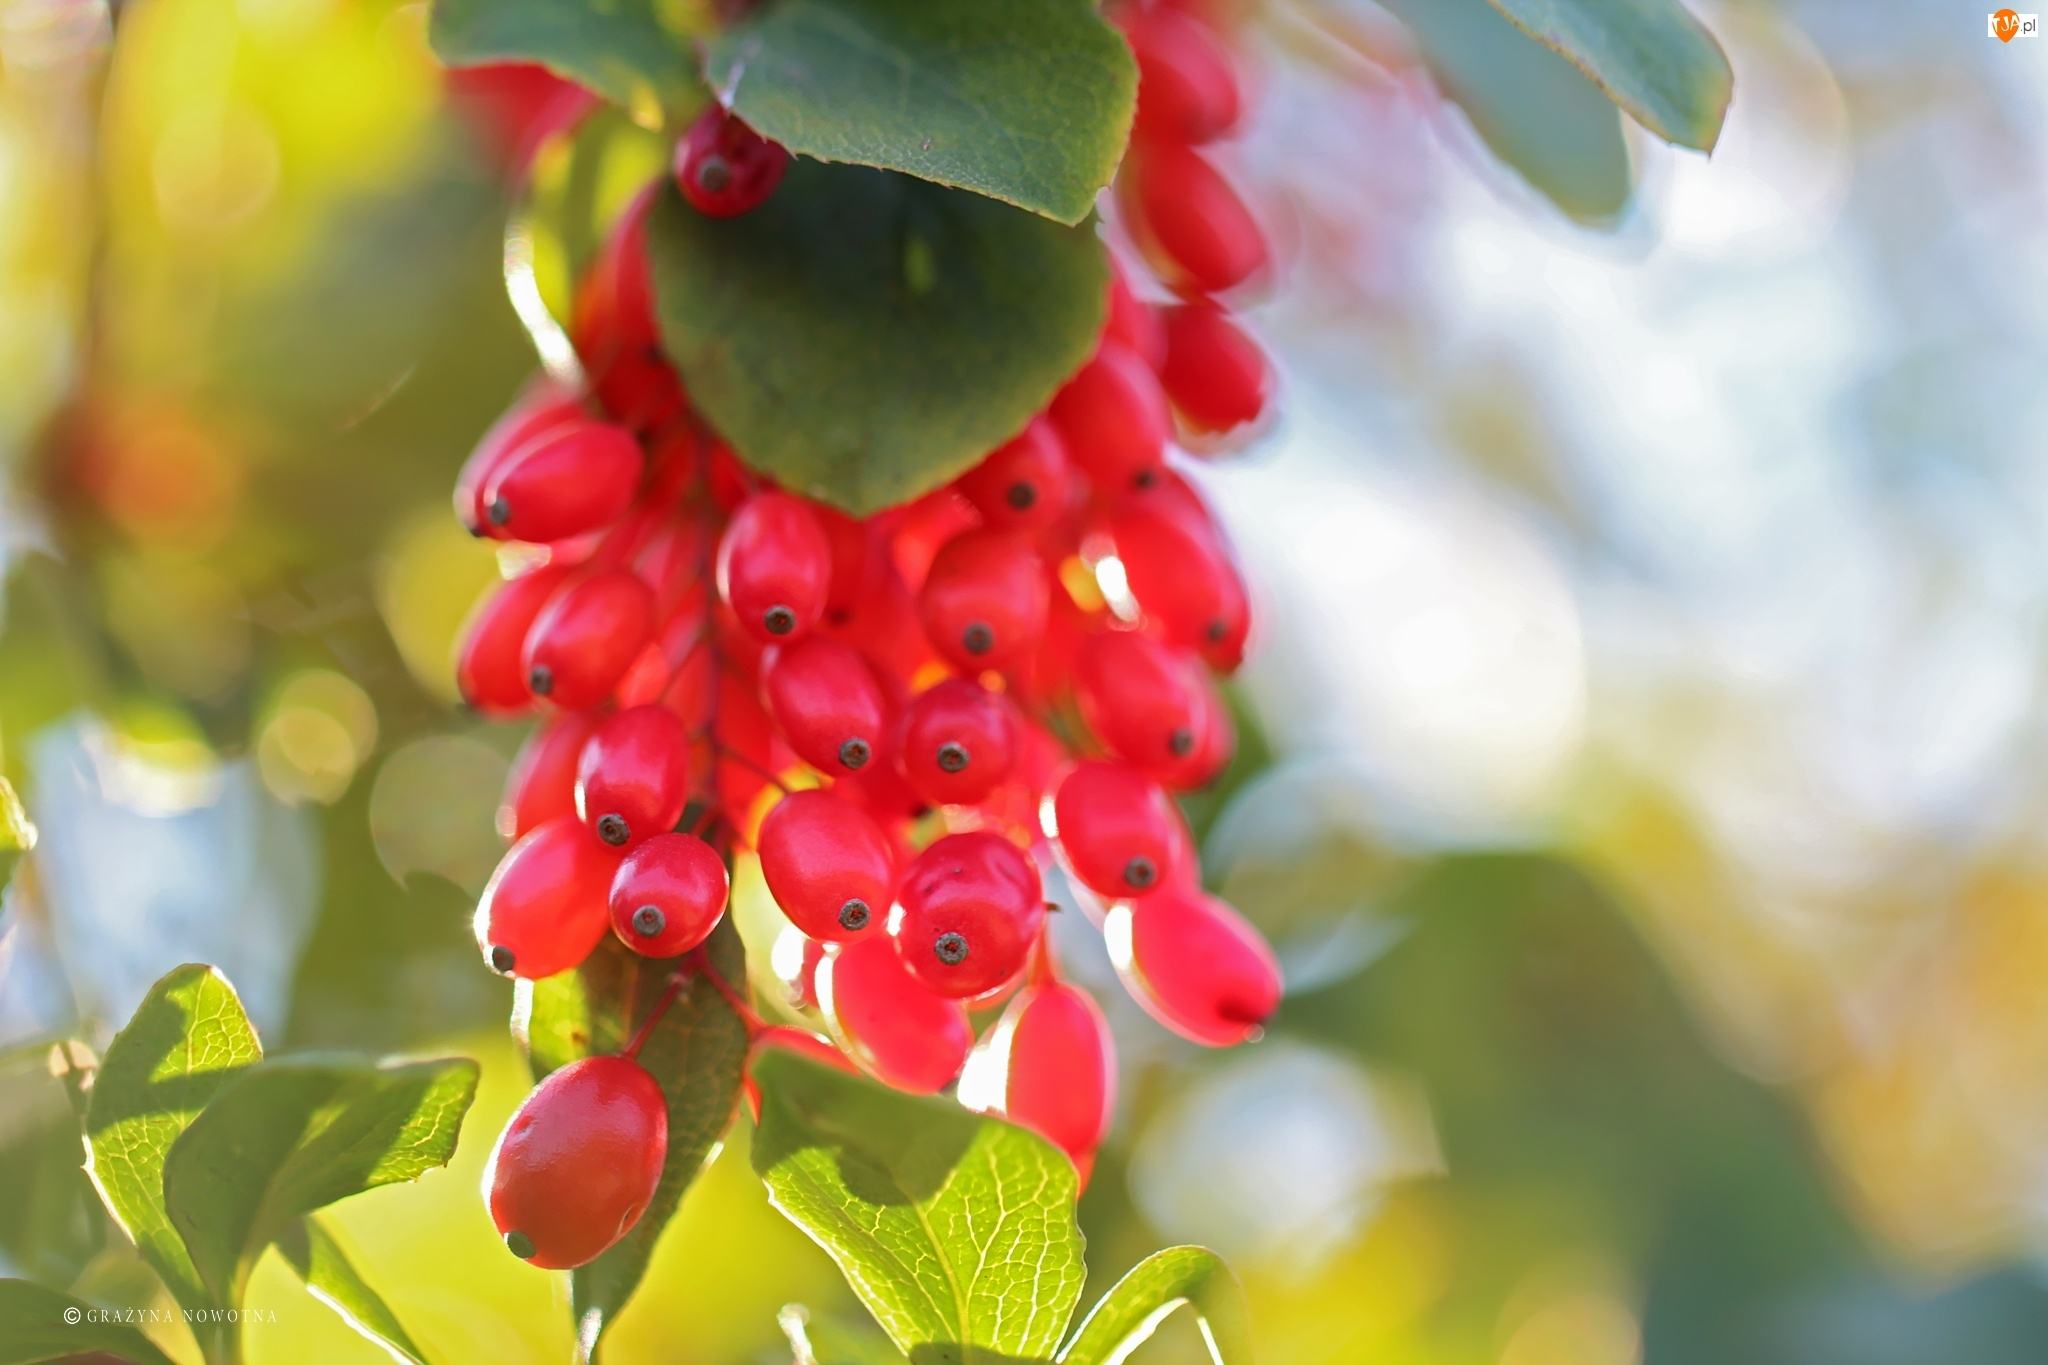 Owoce, Krzew, Czerwone